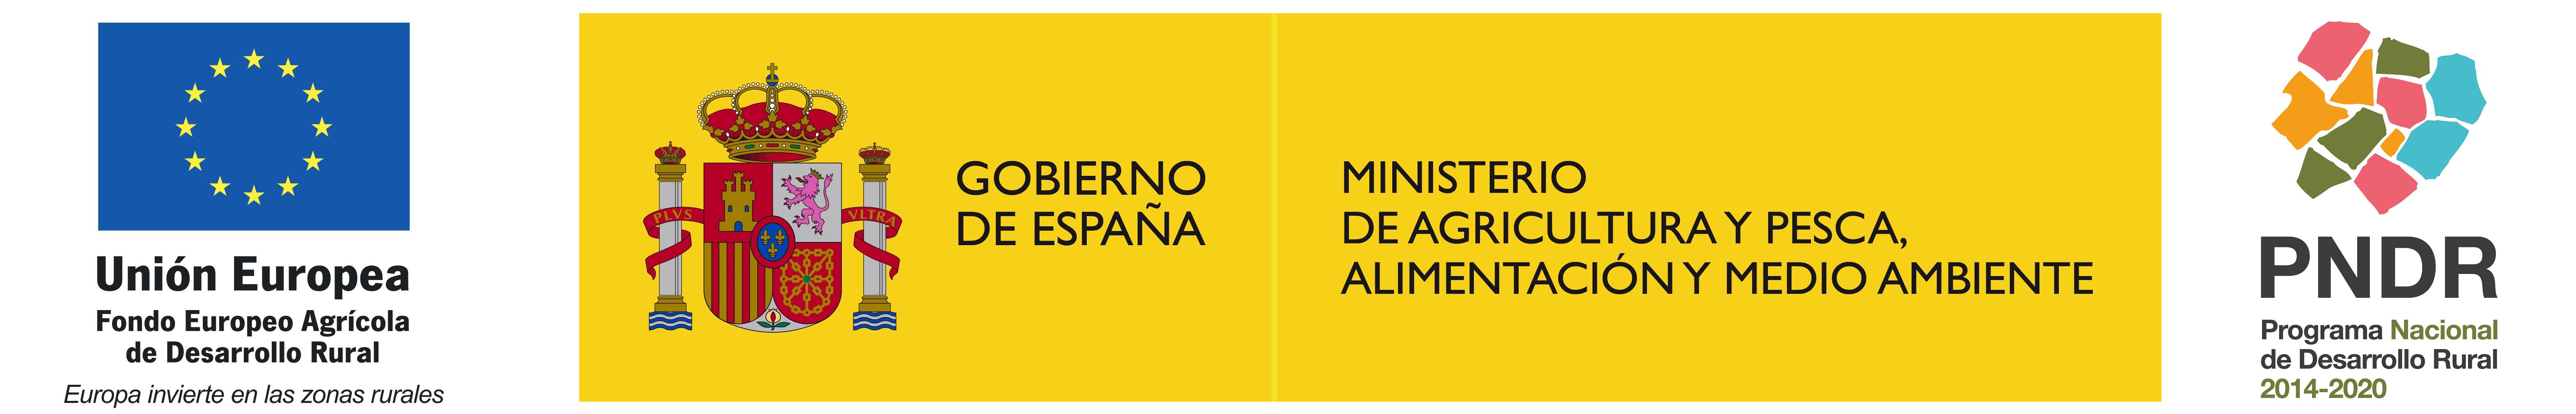 logotipo mapama feader pndr